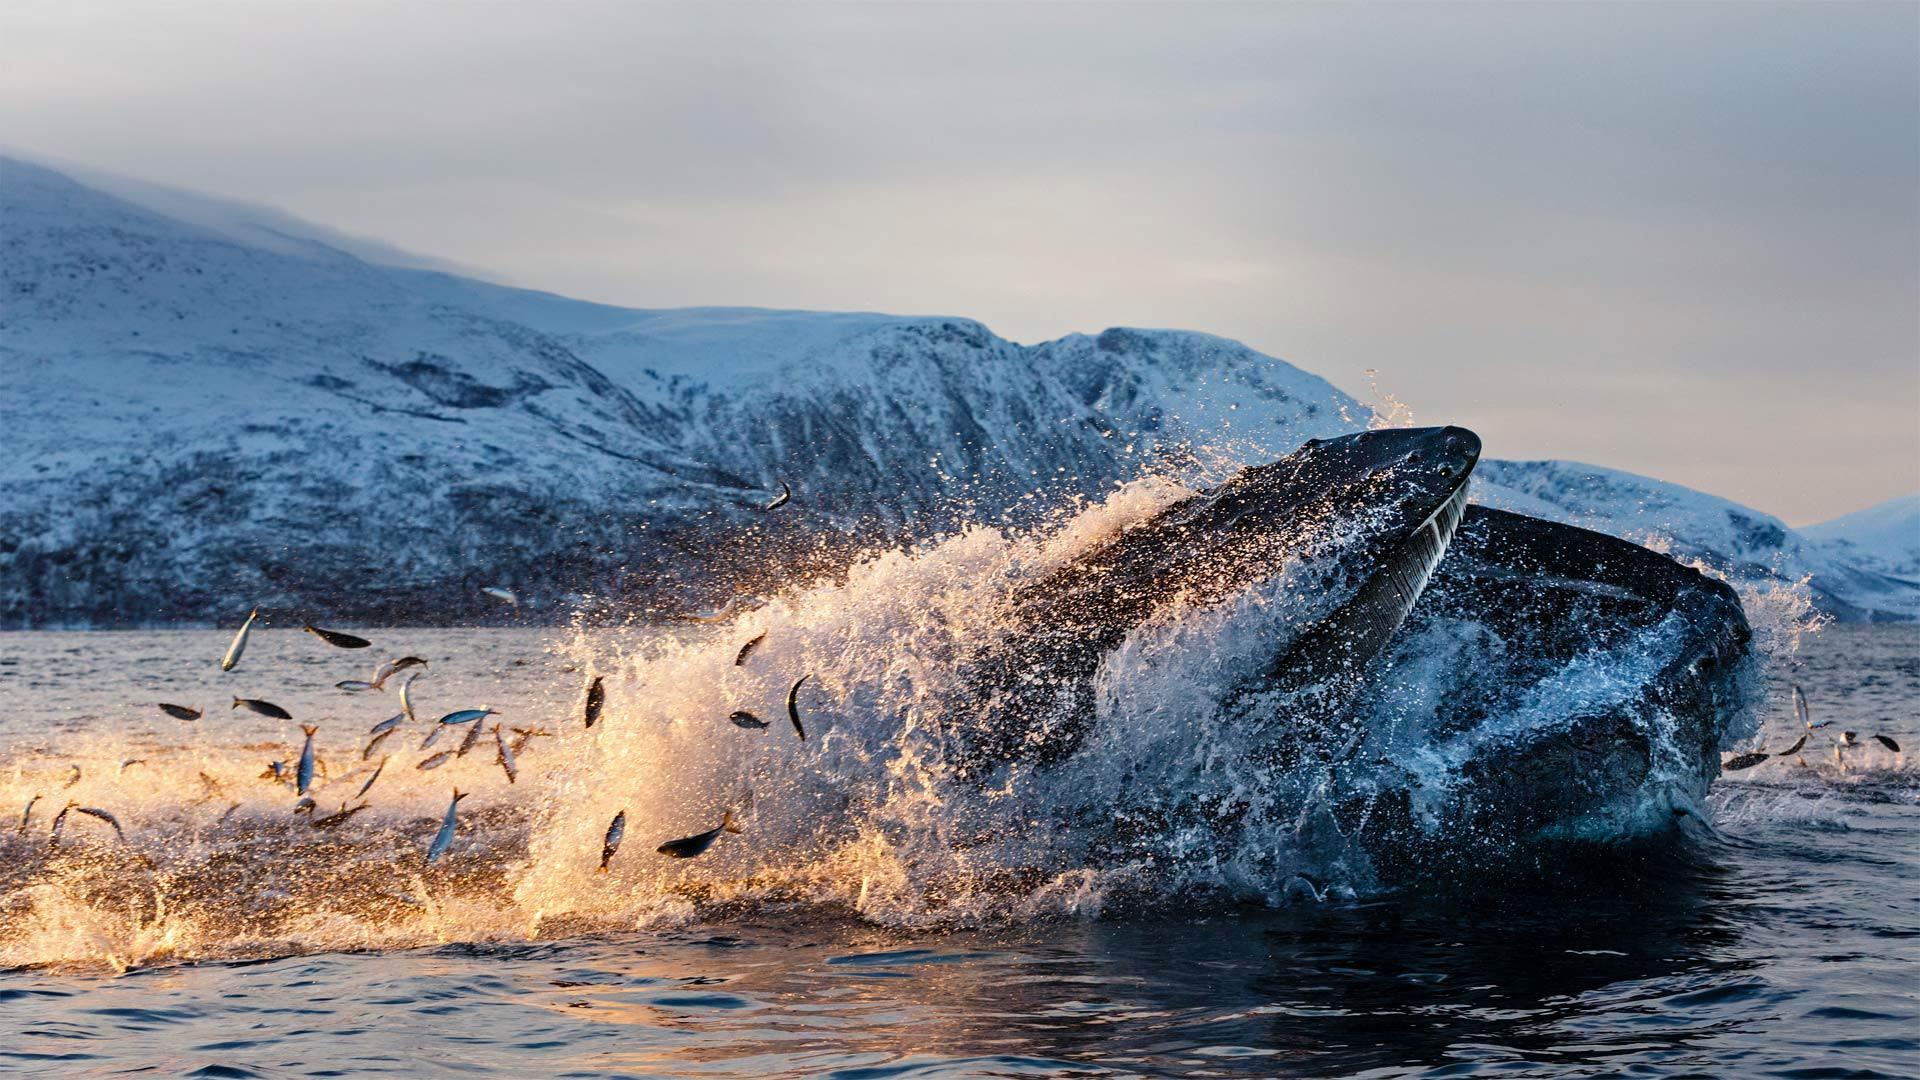 克瓦尔岛海岸以鲱鱼为食的座头鲸座头鲸